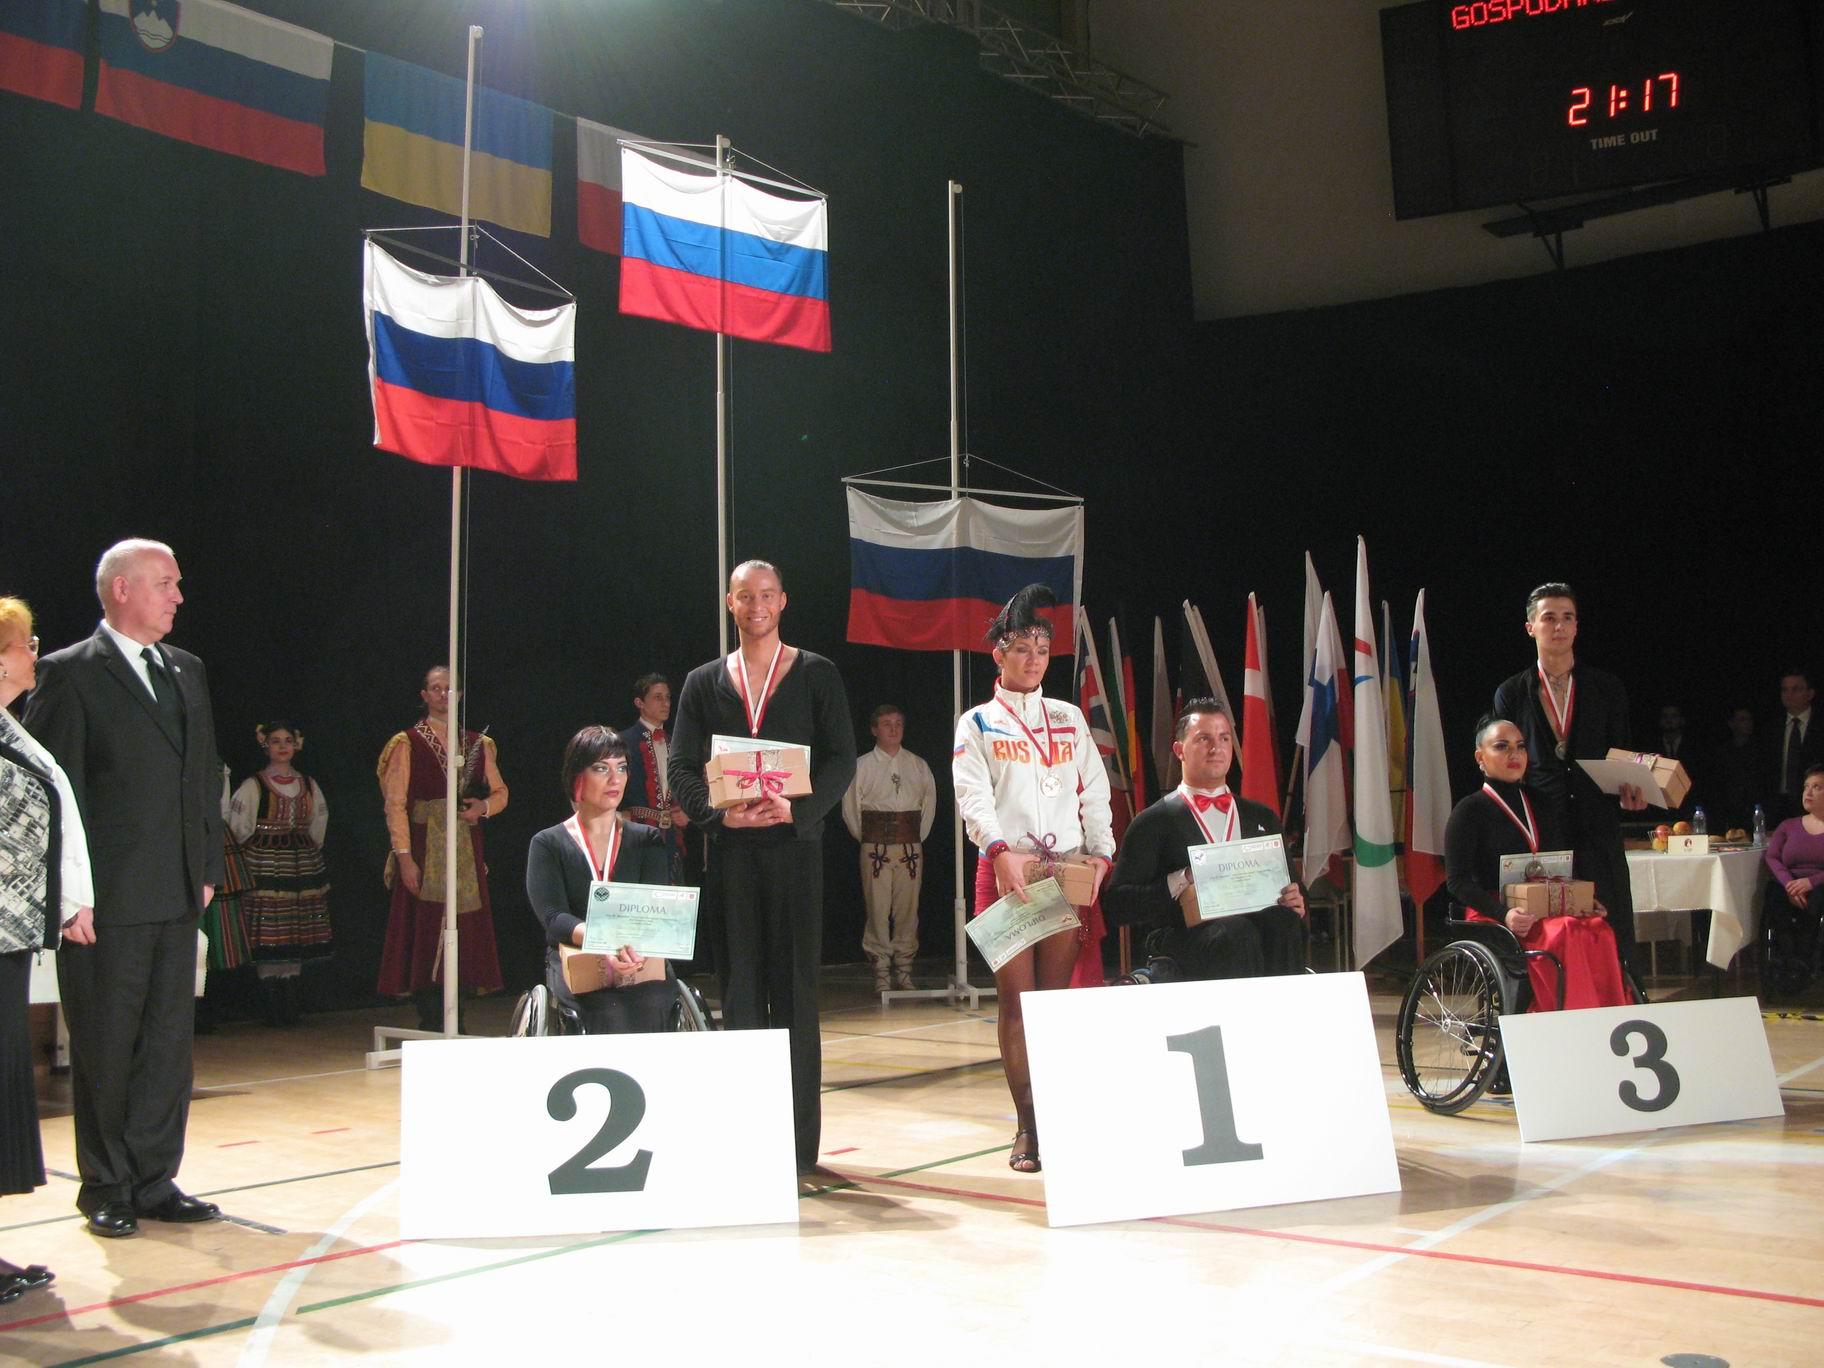 Сборная команда России  завоевала 16 медалей на чемпионате Европы по танцам на колясках в Польше